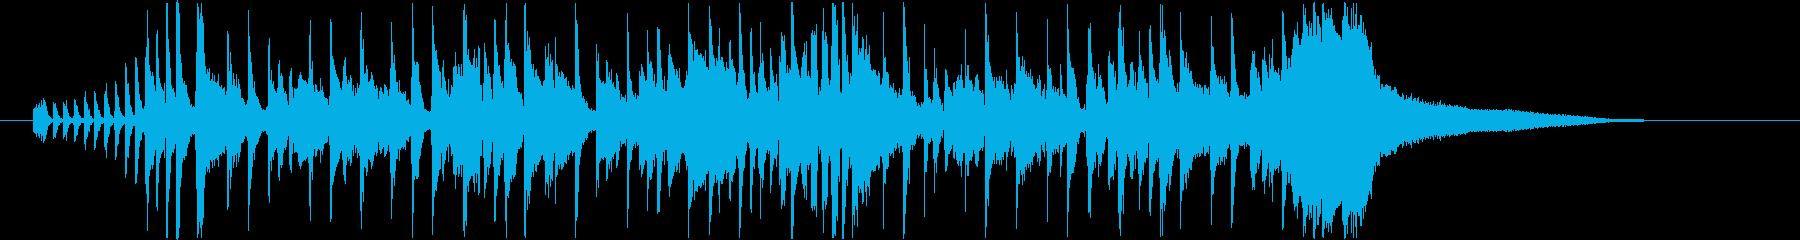 ジャズファンク風ジングル・サウンドロゴの再生済みの波形